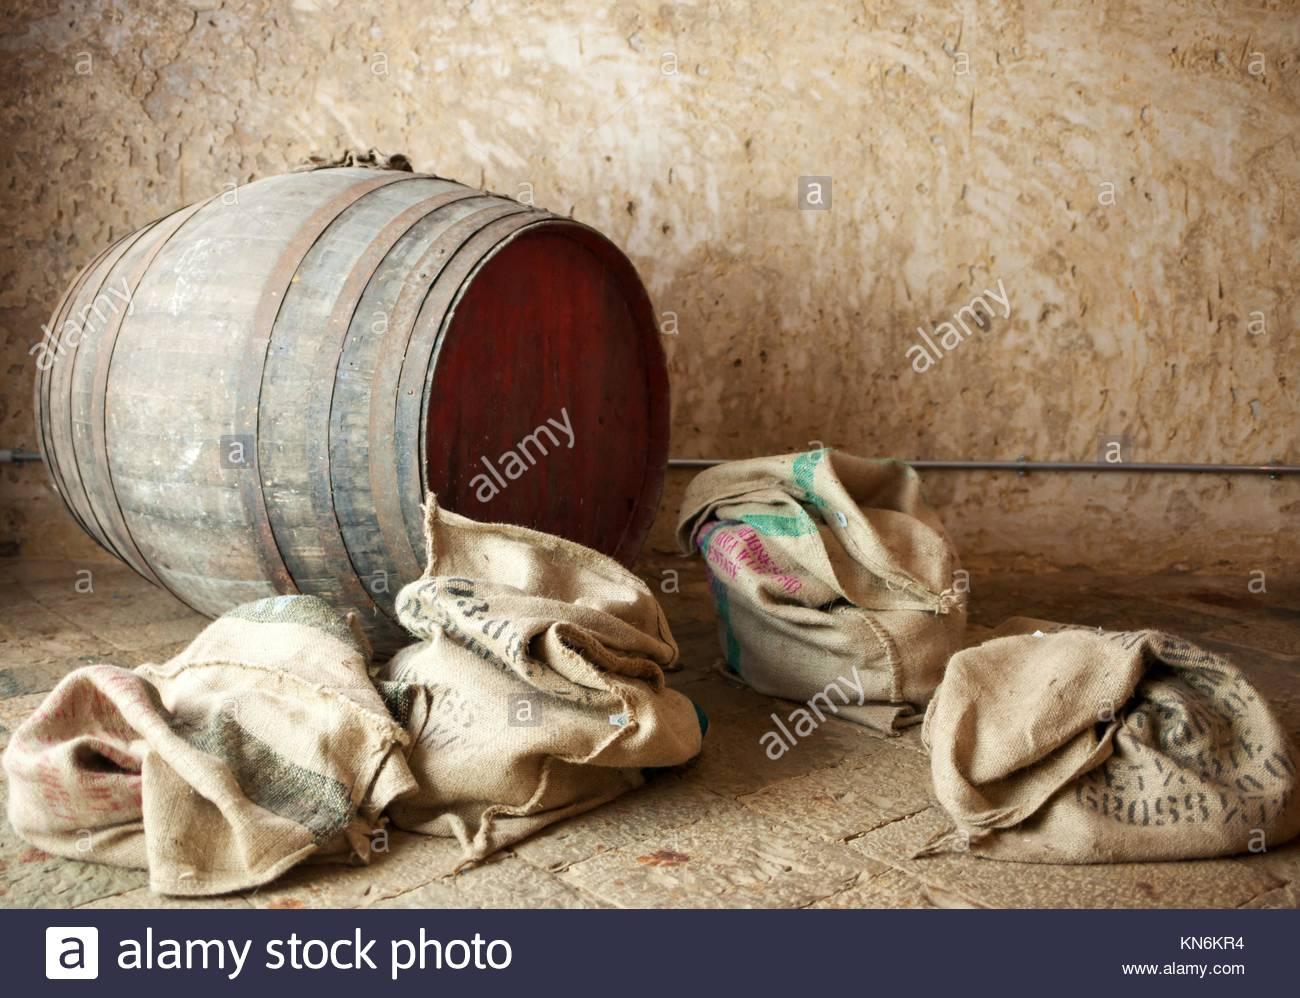 Vieux baril avec des sacs de toile, ambiance antique. Photo Stock